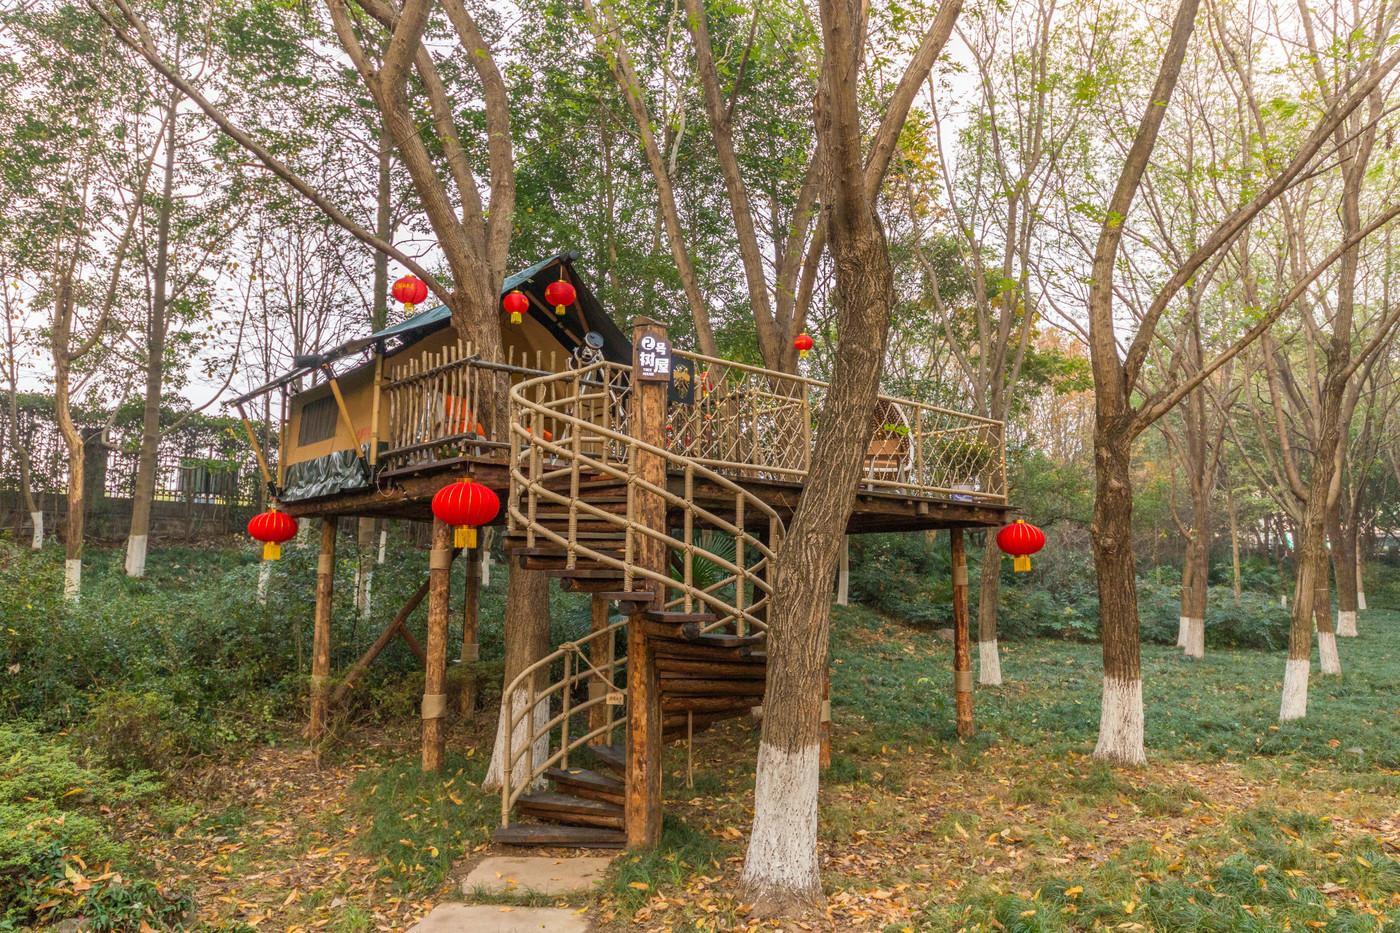 喜马拉雅野奢帐篷酒店—江苏常州天目湖树屋3